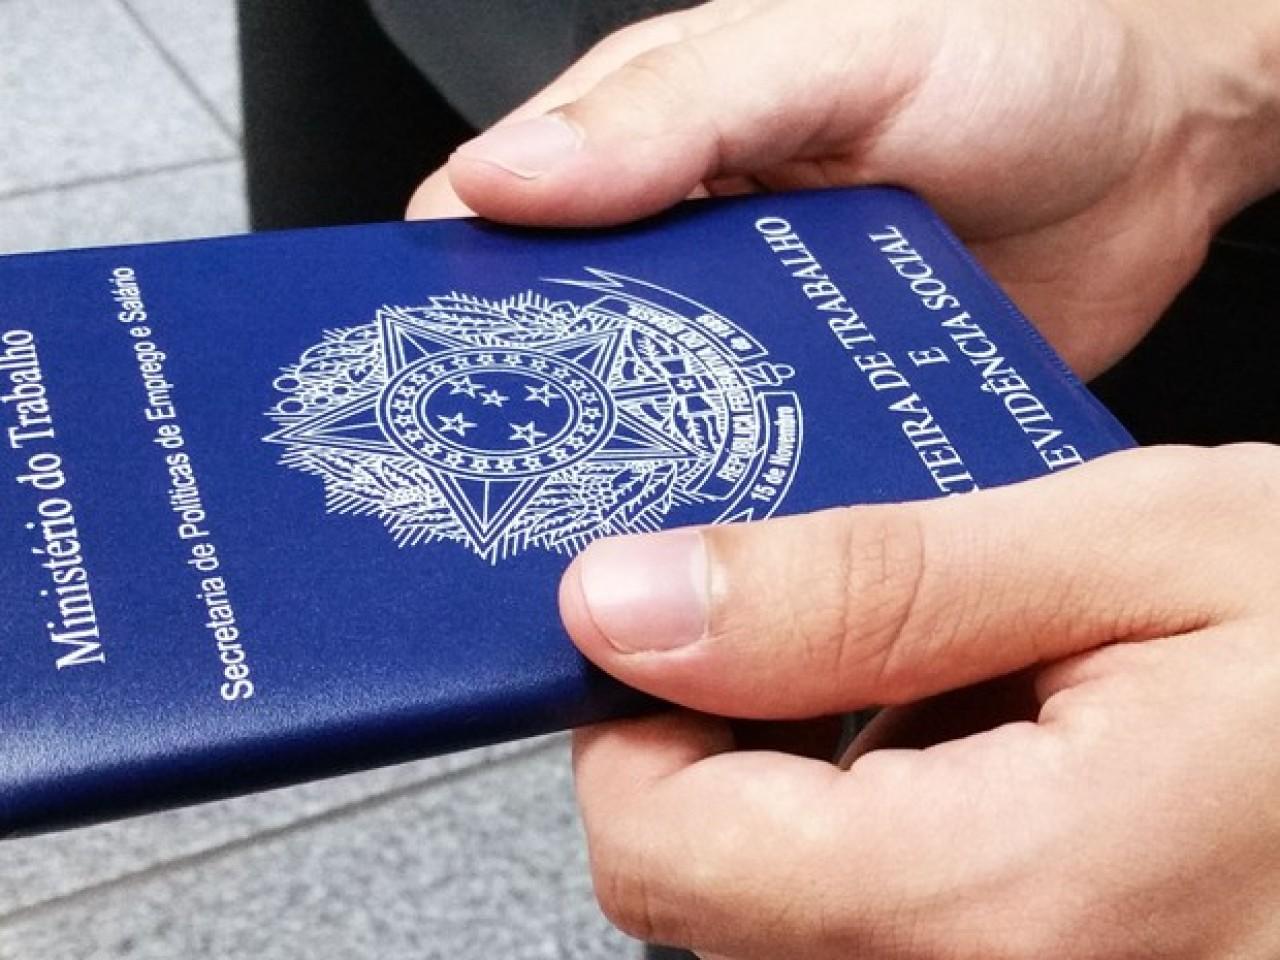 [VAGA2018] – Mutirão para Primeiro Emprego será realizado em Salvador